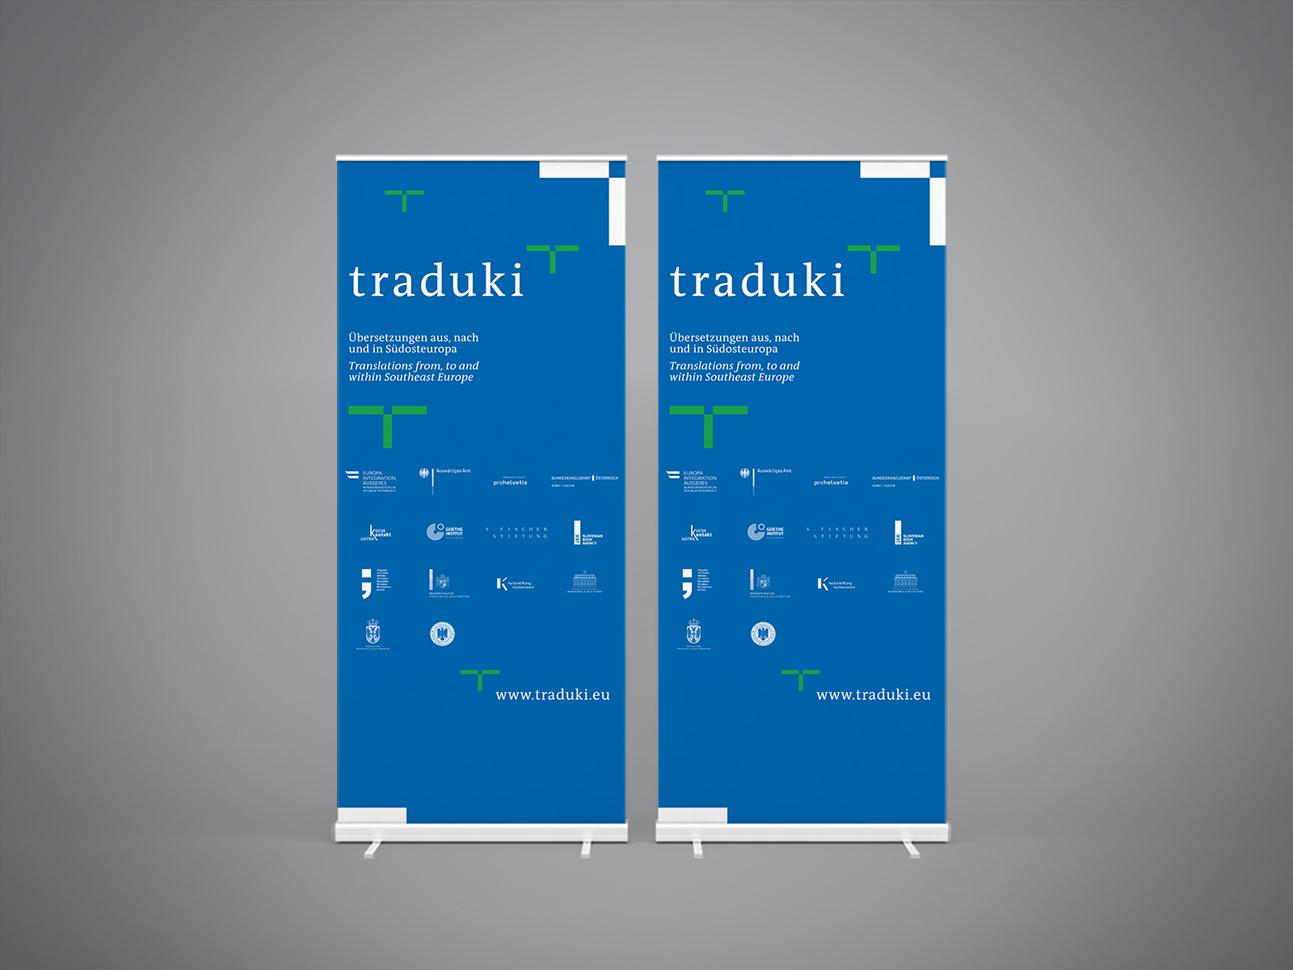 martin_zech_design_projekt_design_traduki_rollup